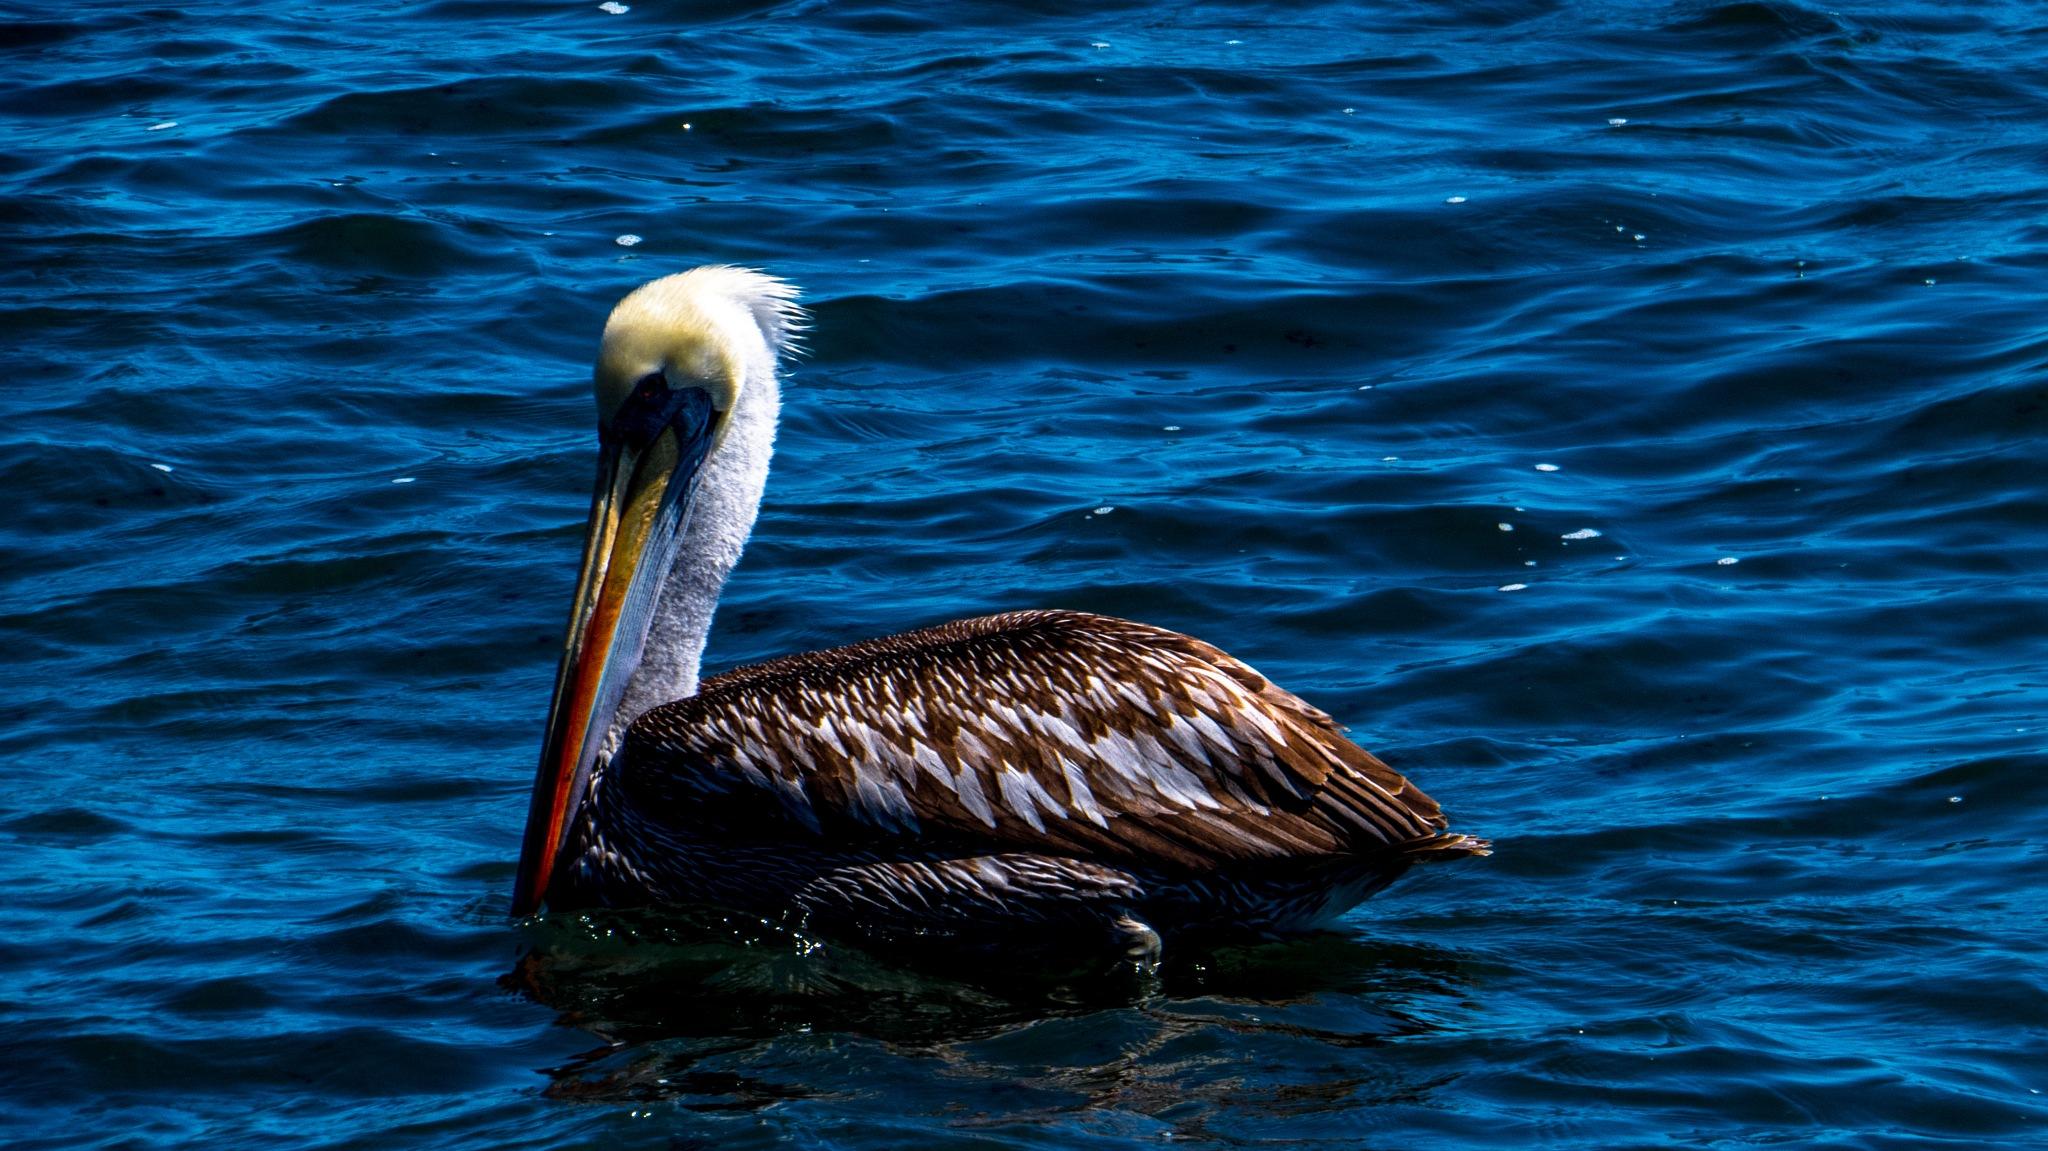 Pelicano by Jorge Antonio Garcia